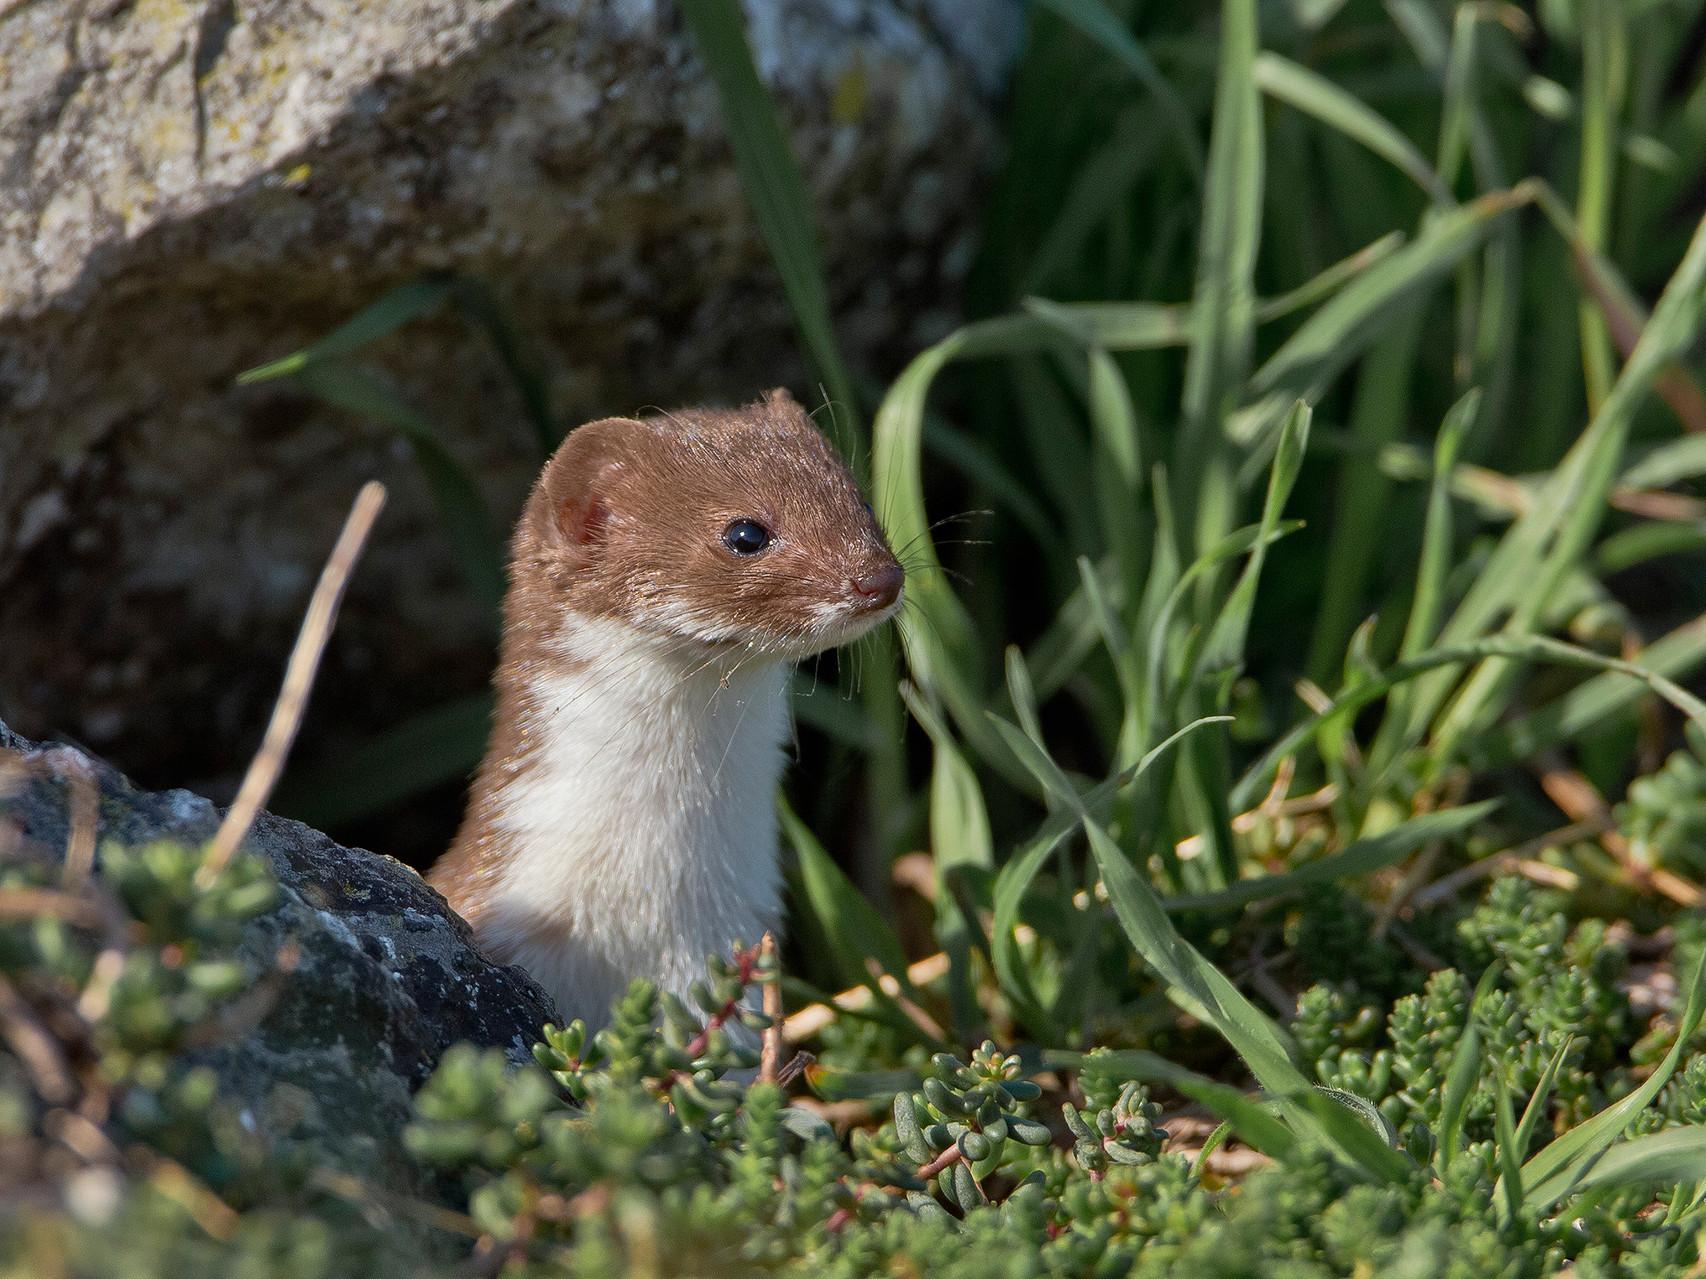 ...ist ein Vorkommen von Mauswieseln in beinahe jedem Lebensraum zu erwarten.